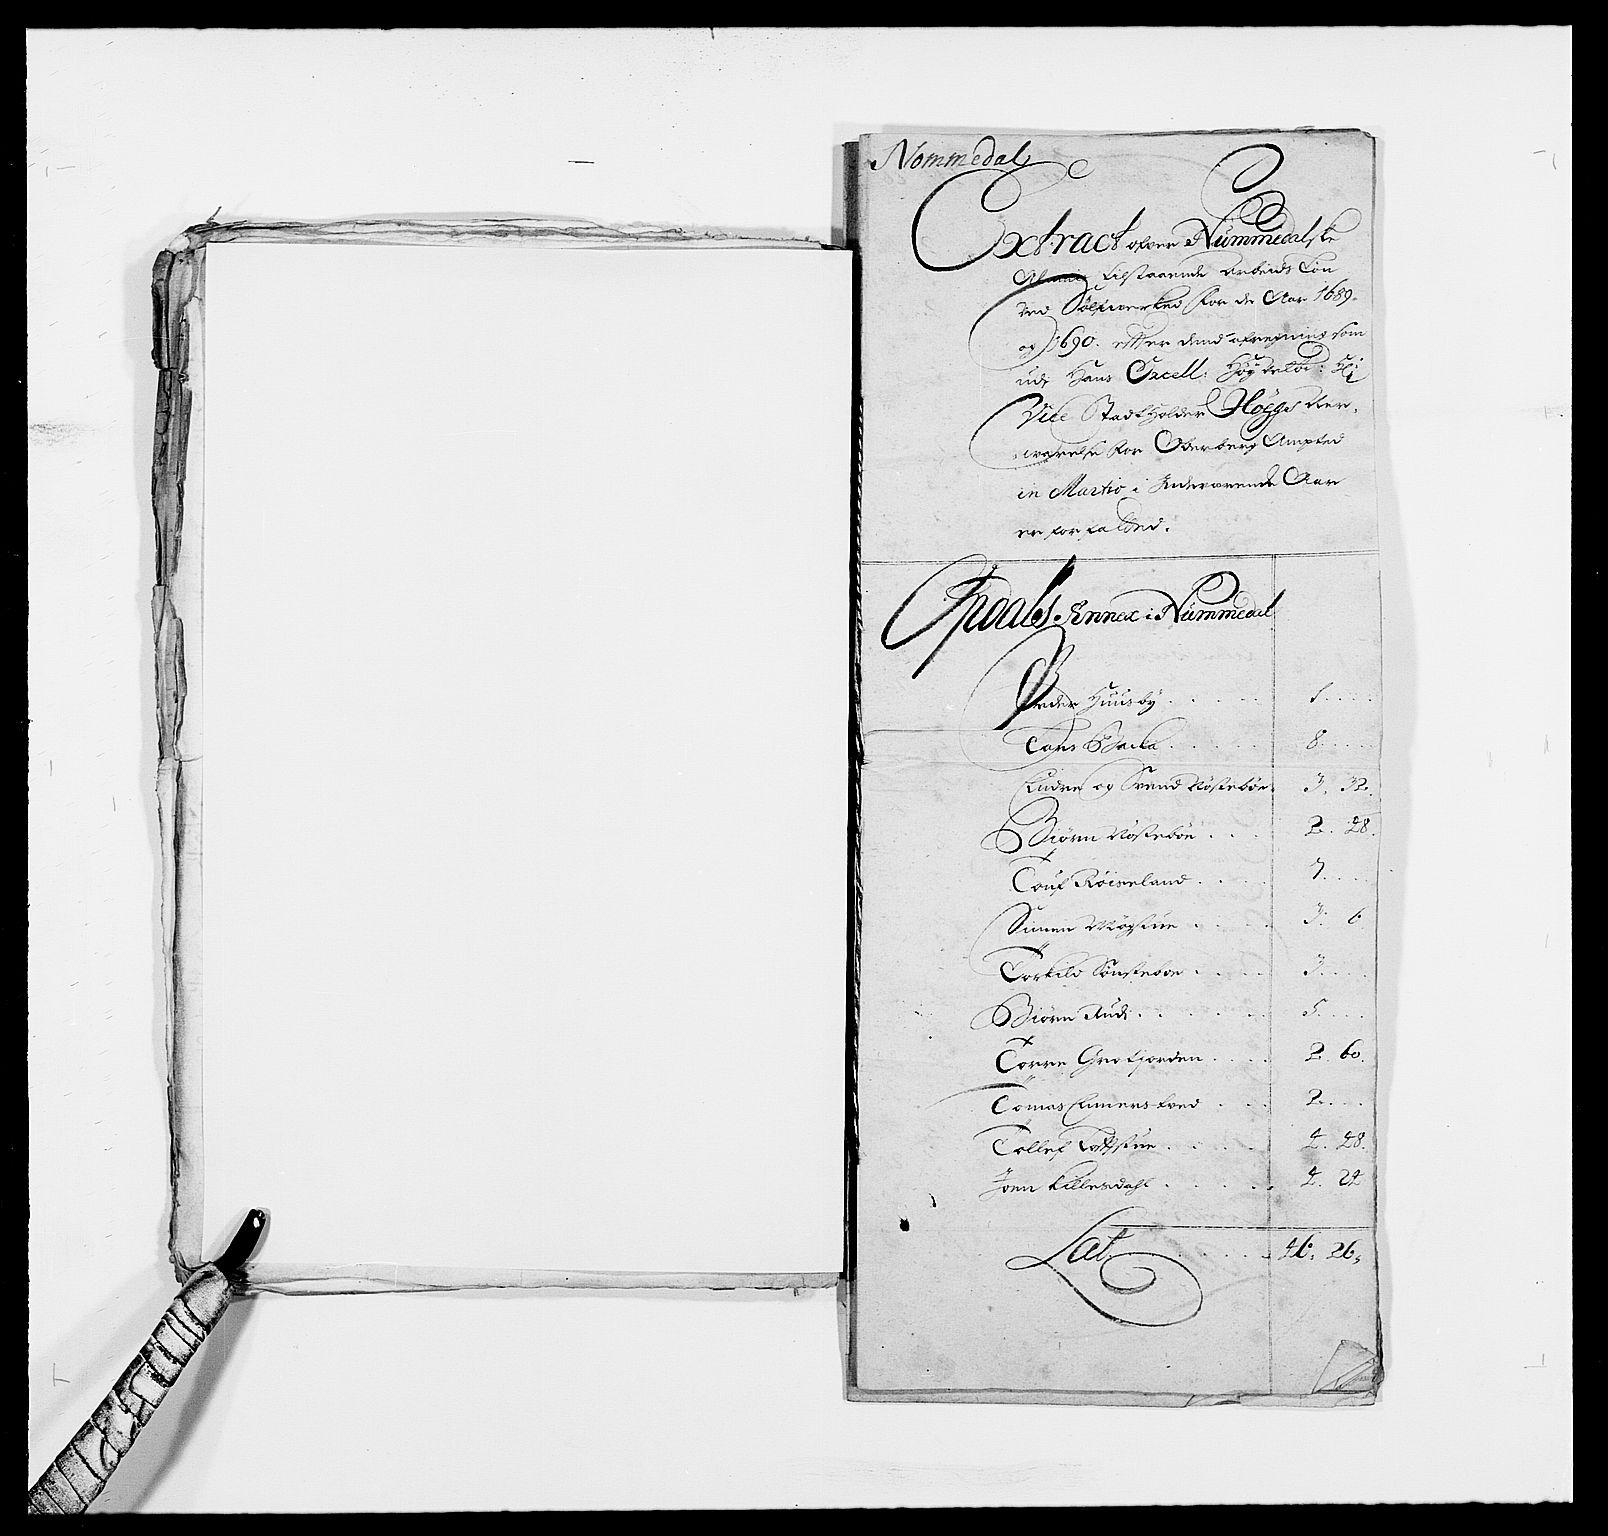 RA, Rentekammeret inntil 1814, Reviderte regnskaper, Fogderegnskap, R24/L1574: Fogderegnskap Numedal og Sandsvær, 1688-1691, s. 20